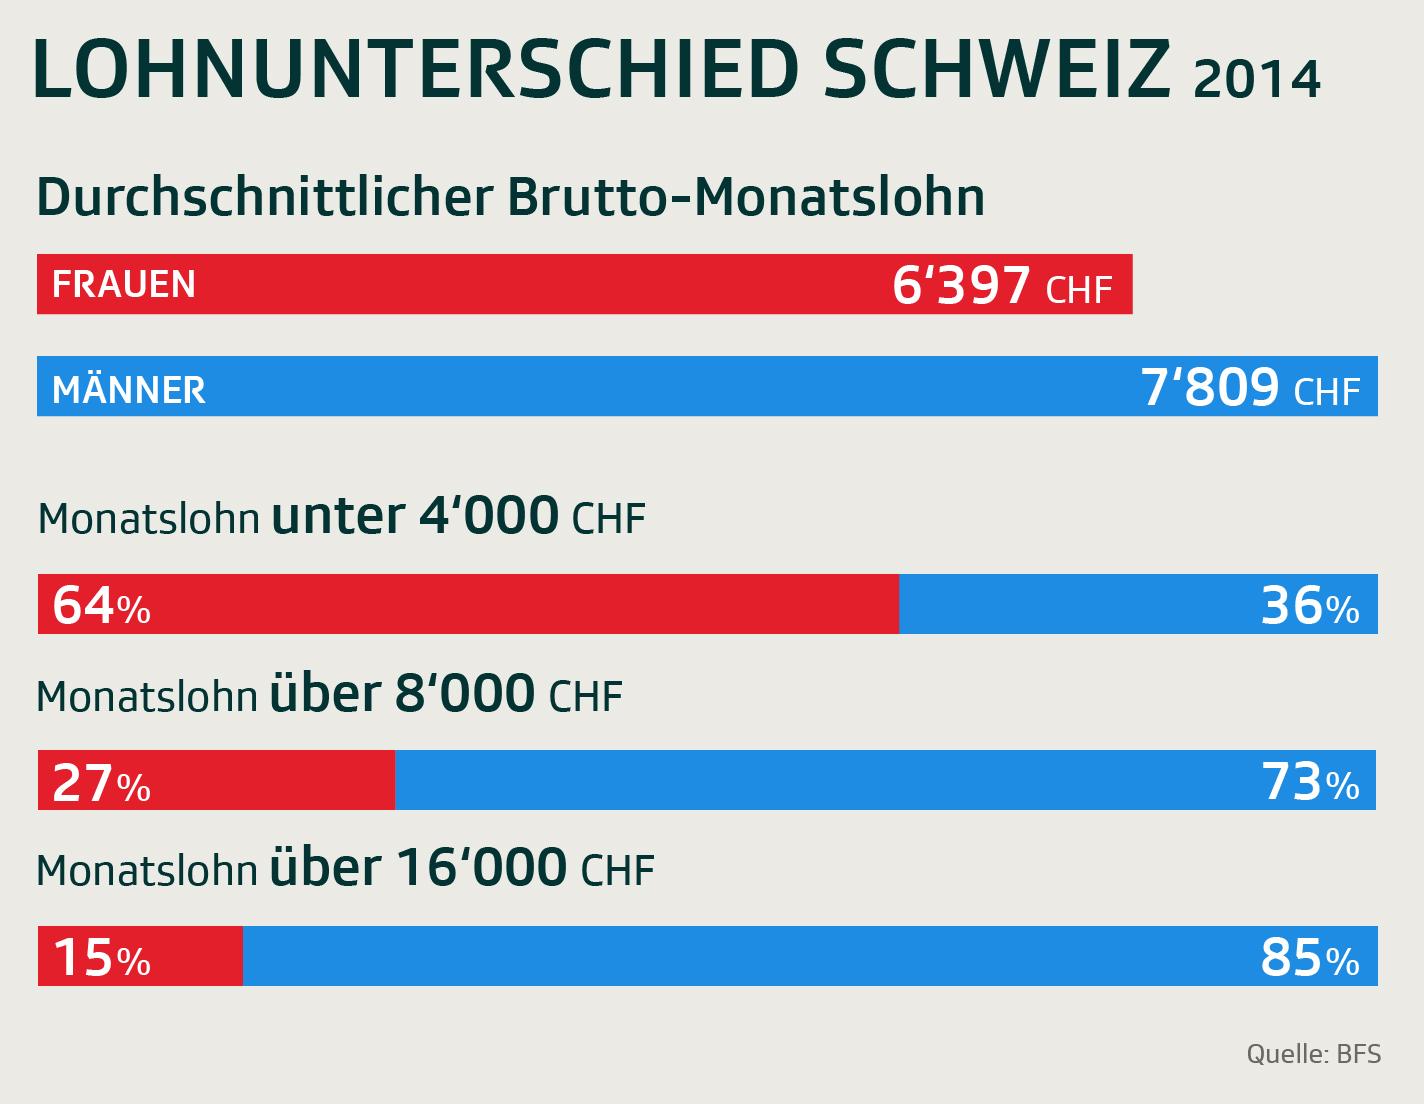 Lohnunterschiede zwischen Frauen und Männern in der Schweiz